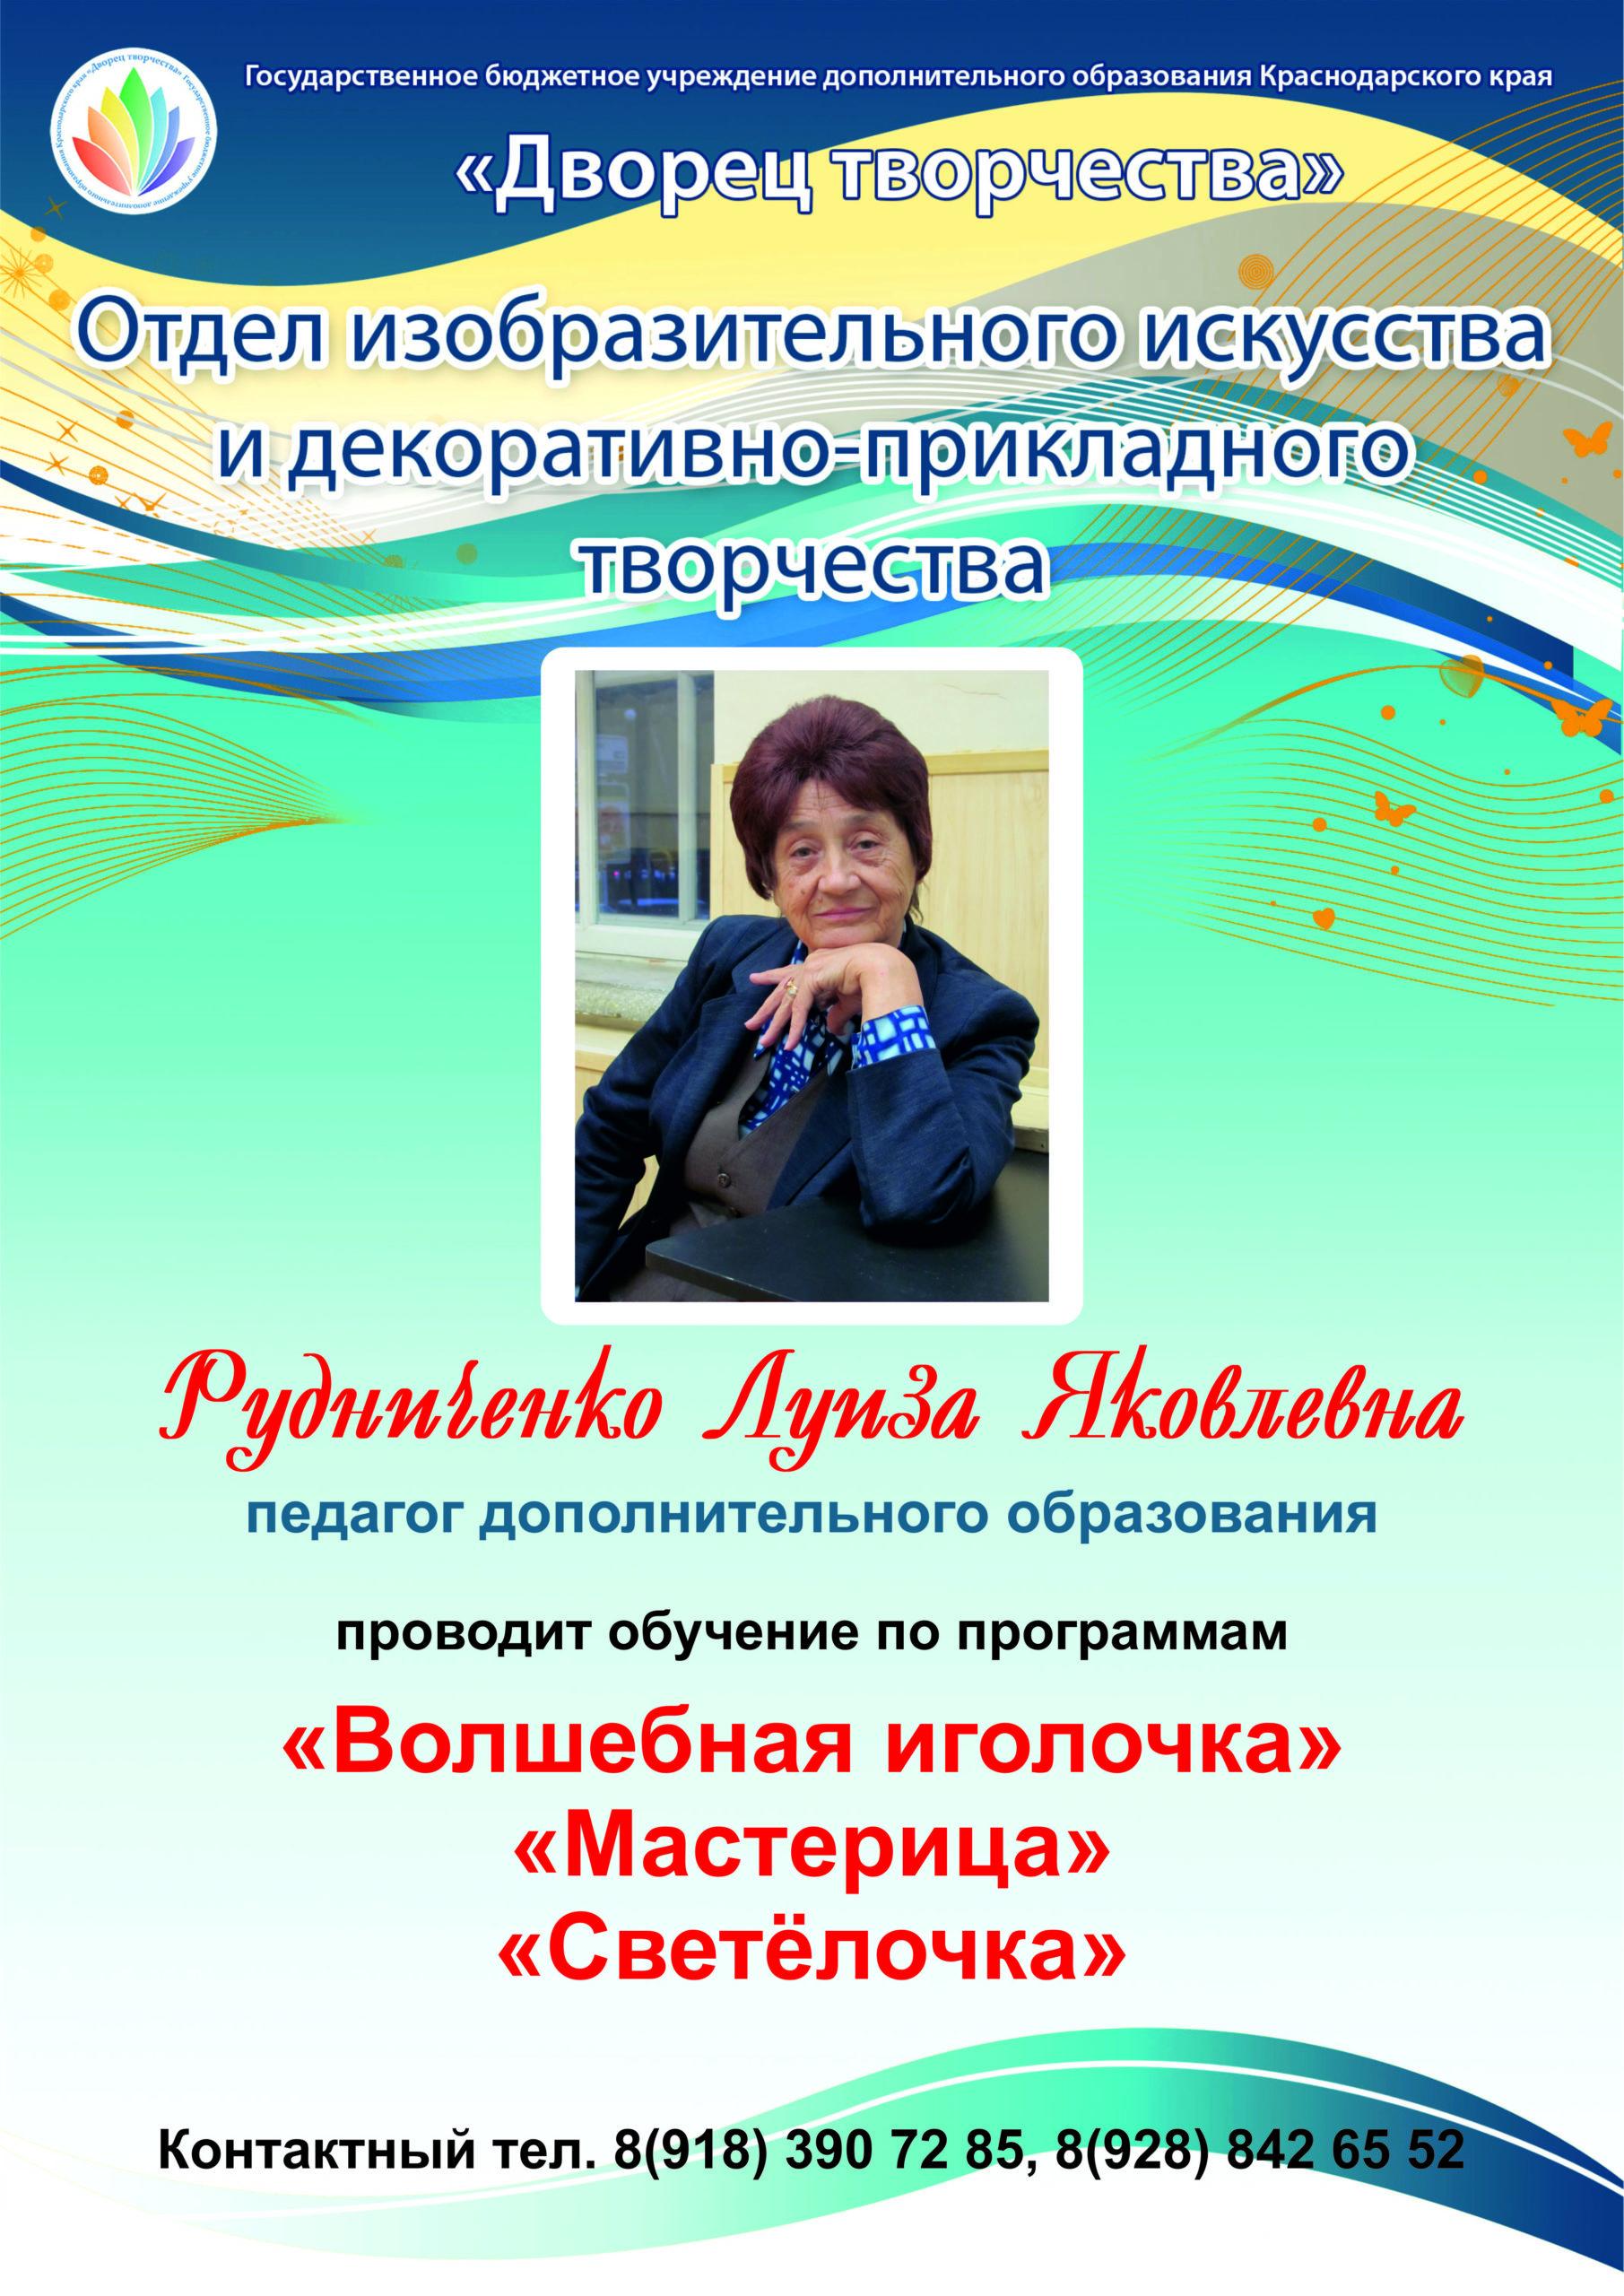 Афиша-реклама педагоги Рудниченко